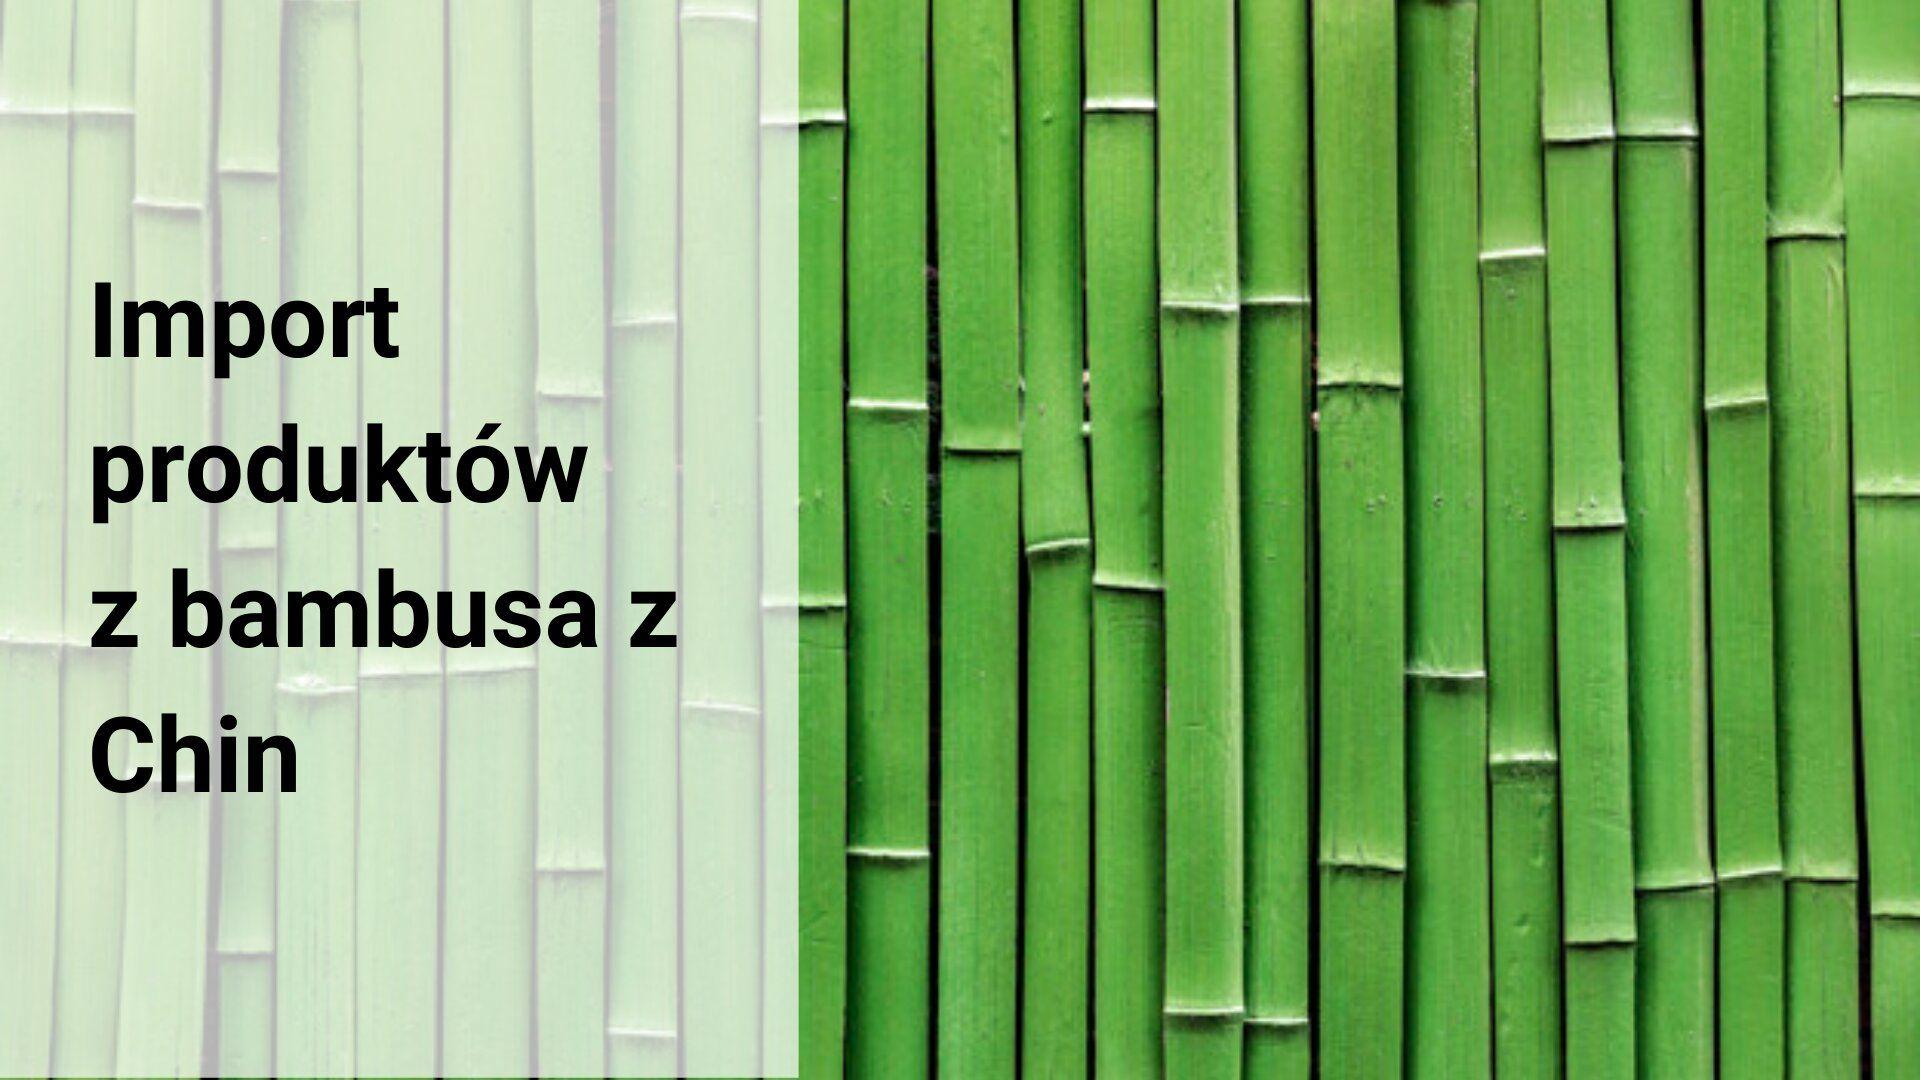 Import produktów z bambusa z Chin